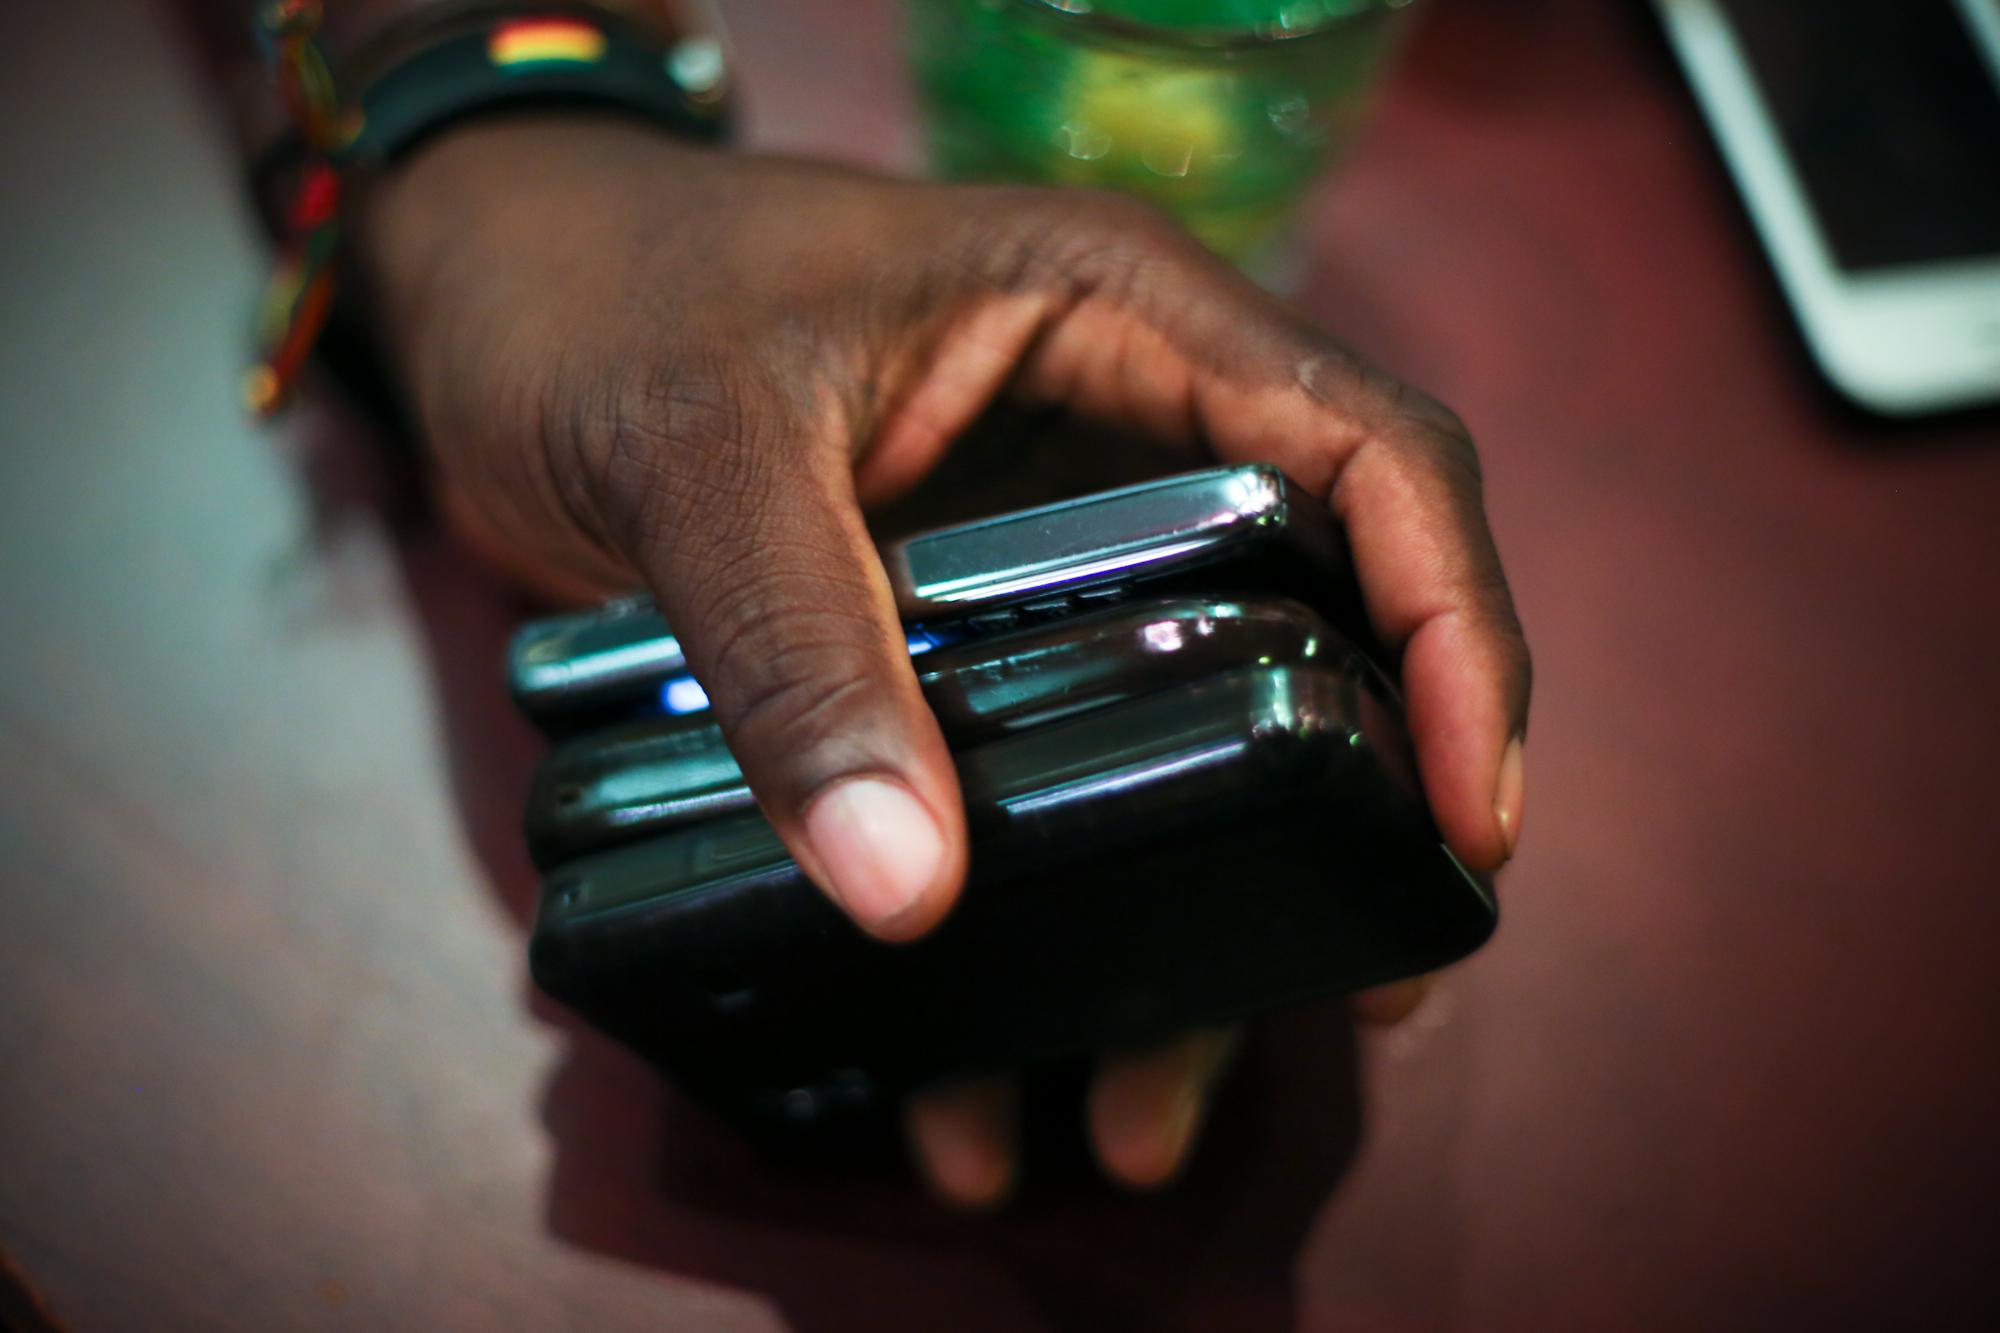 Photo by Yenkassa via Flickr